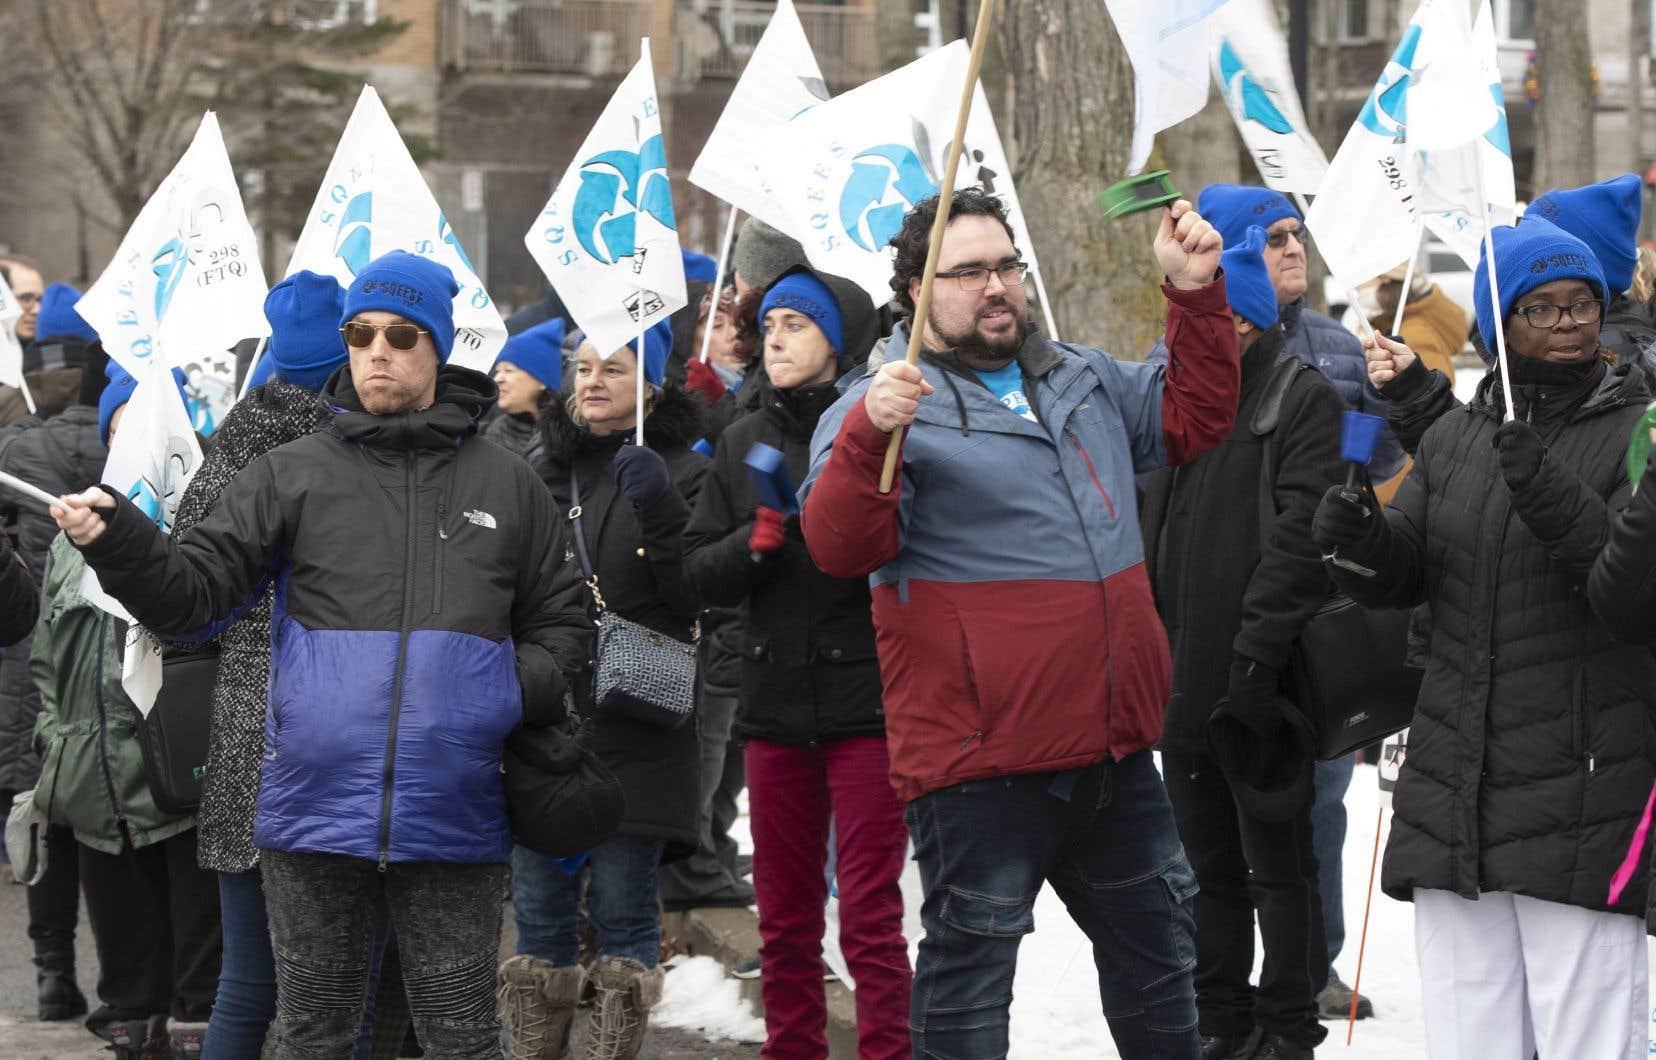 Quelque 375 travailleurs, principalement des préposés aux bénéficiaires, font la grève dans quatre résidences privées pour personnes âgées, à Montréal, Québec et Saint-Jean-sur-Richelieu.